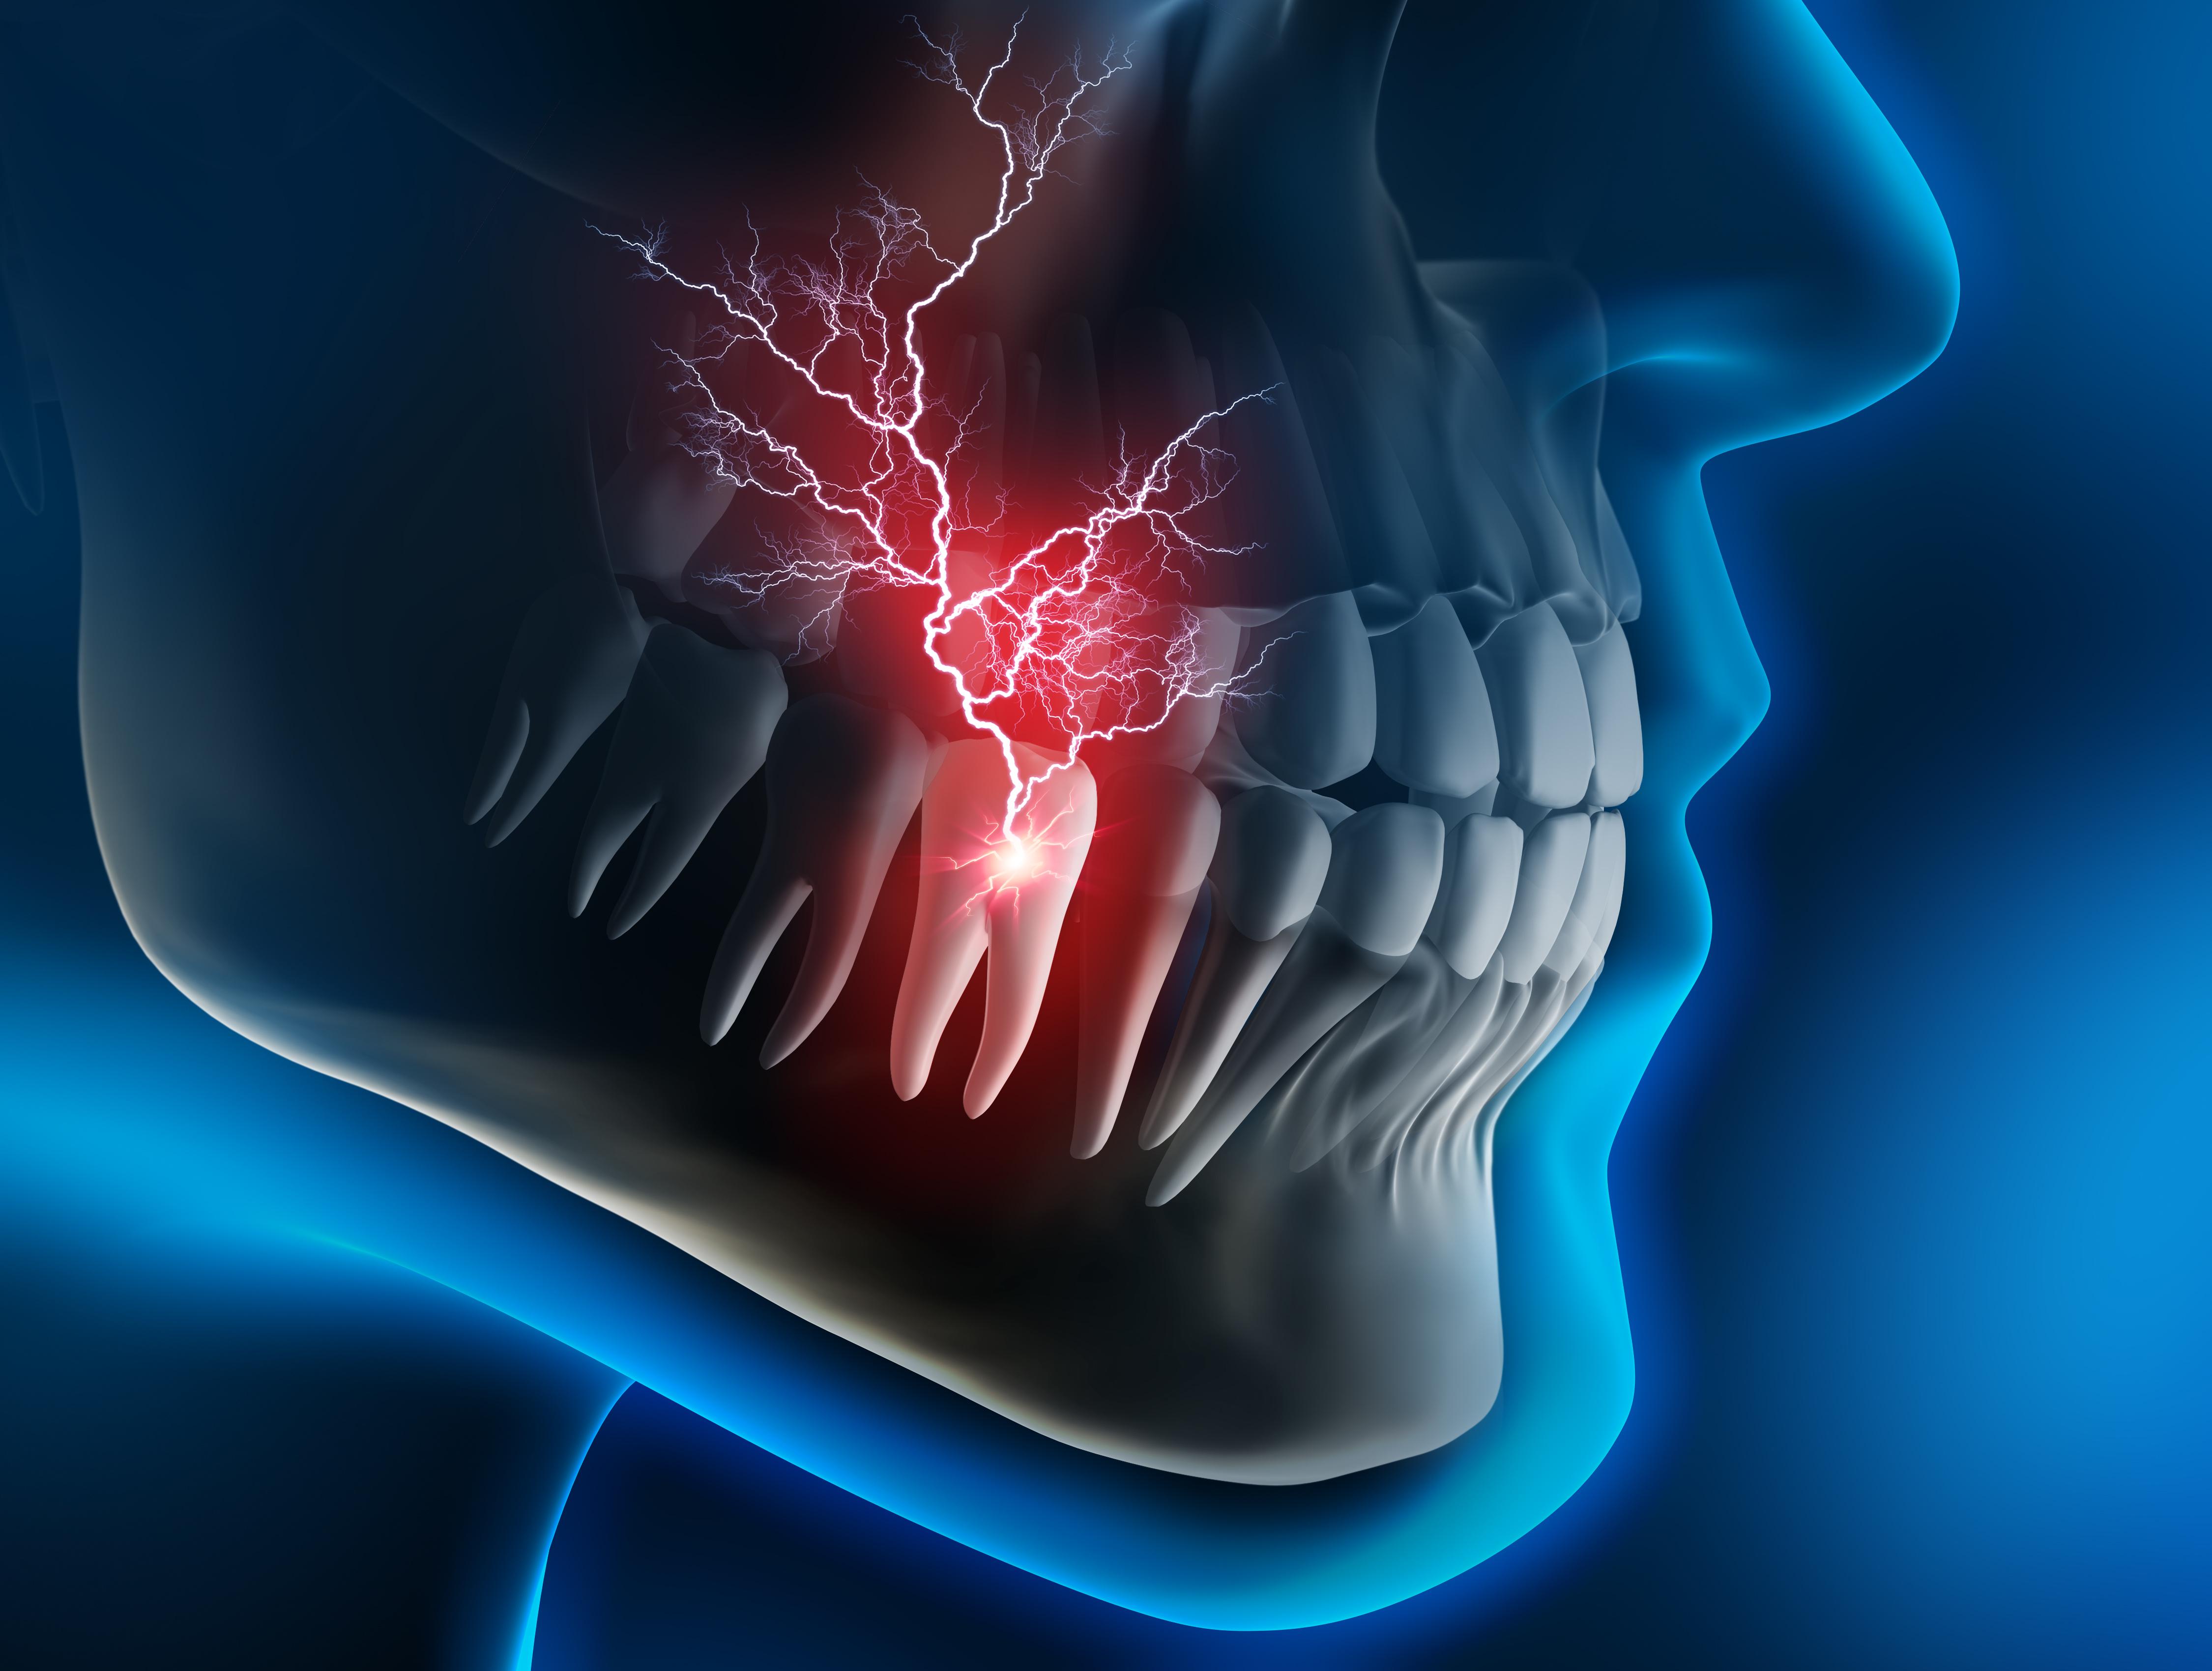 endodoncia en Clínica Dental Roca Santiago Fuengirola - Málaga